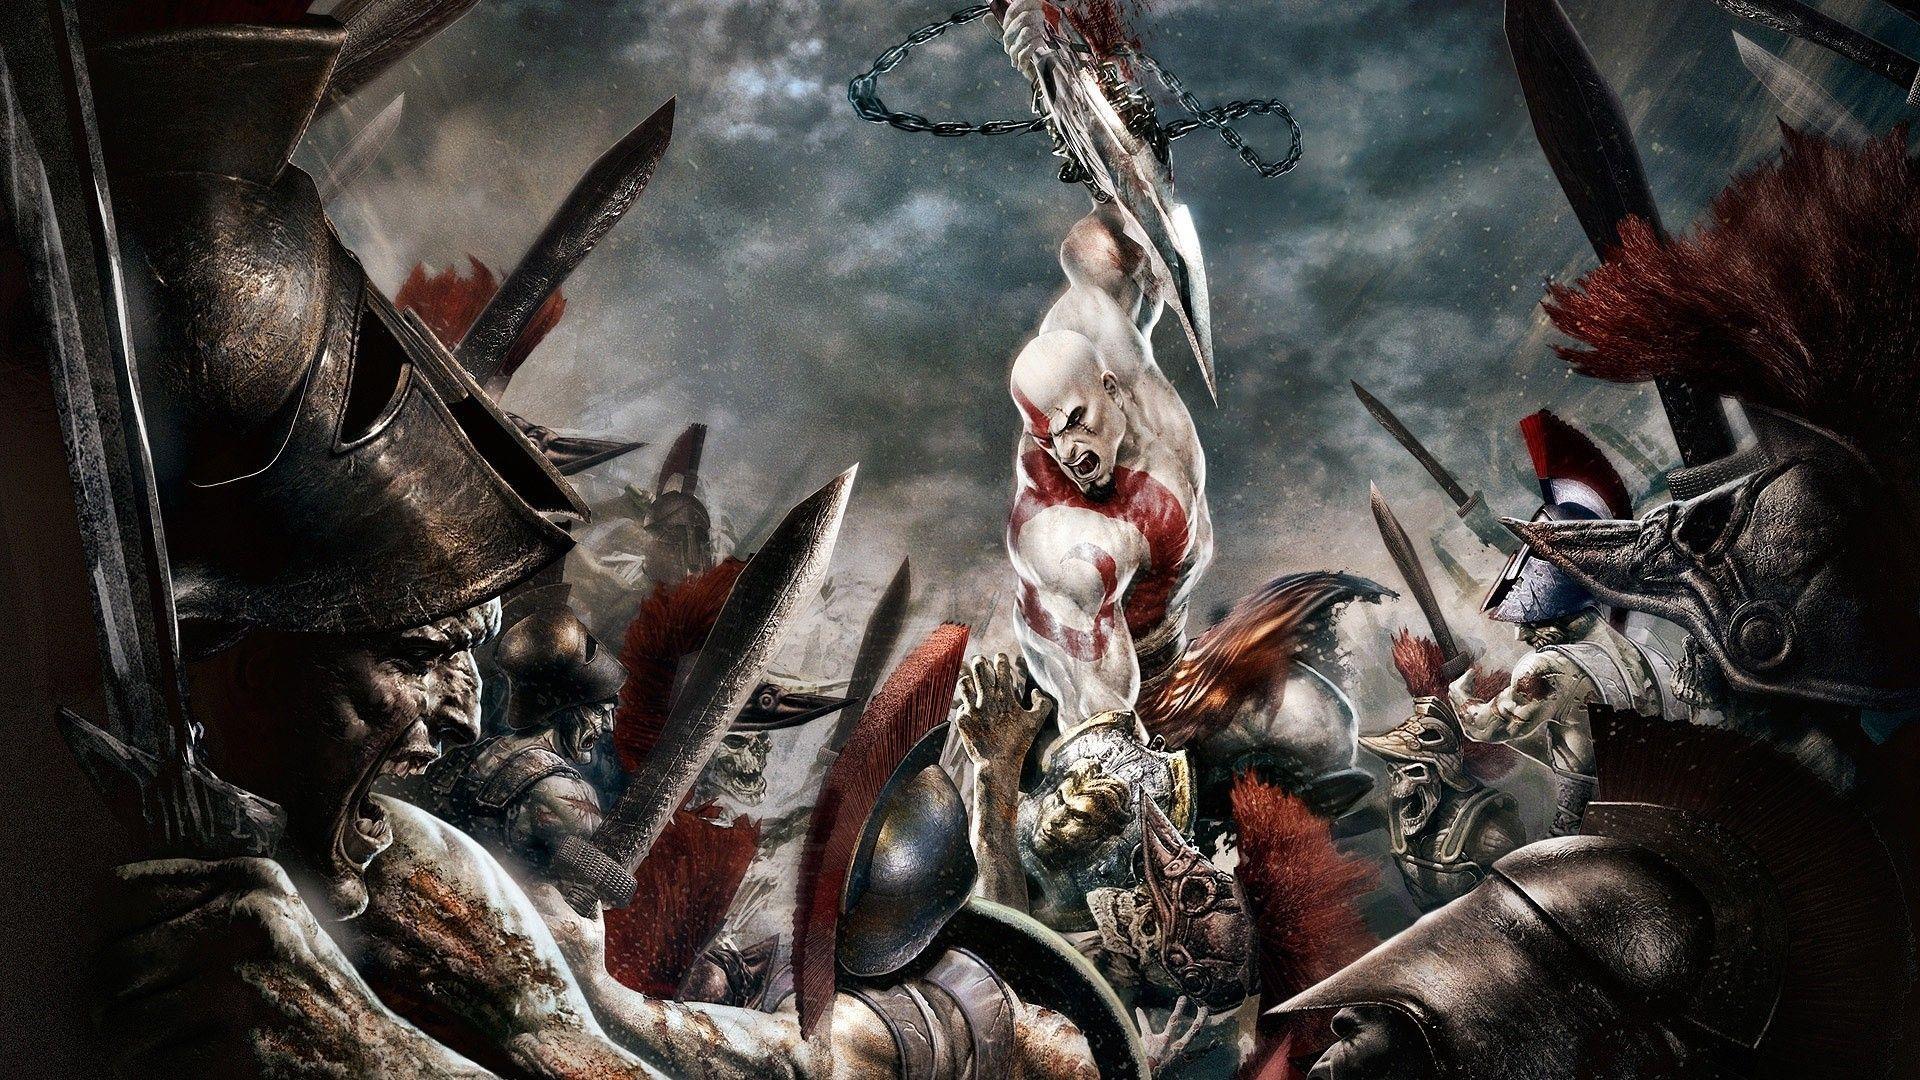 Hd god of war 3 games wallpapers wallpaper cave - God of war wallpaper hd 3d ...